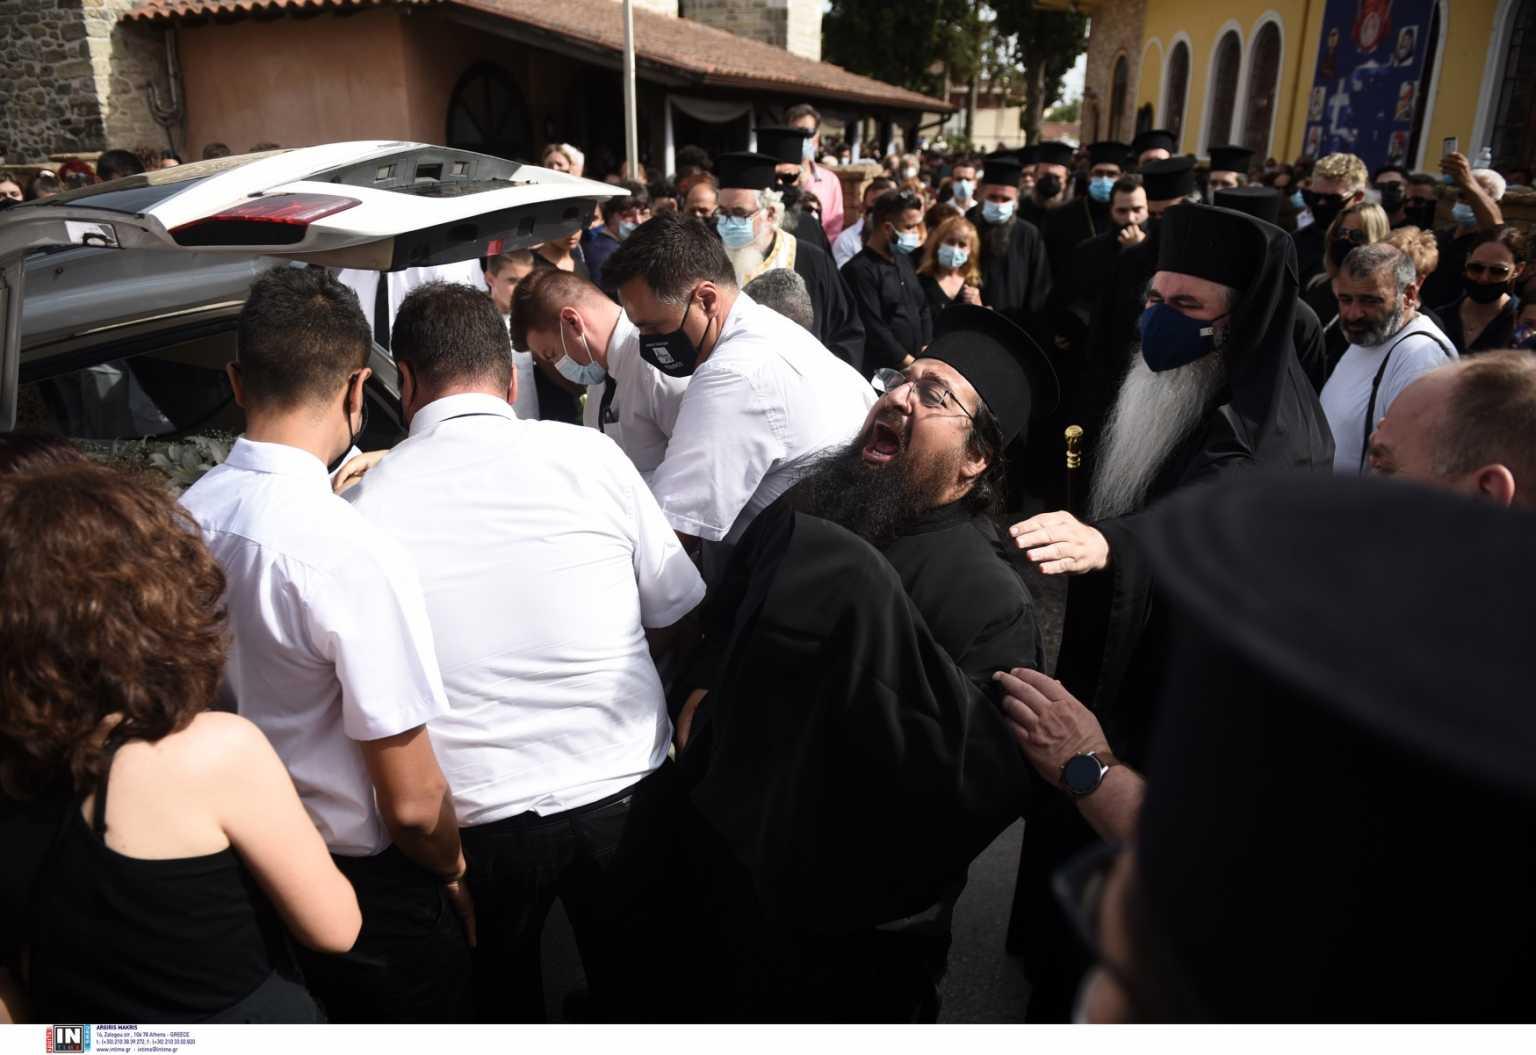 Θεσσαλονίκη: Ανείπωτος θρήνος στην κηδεία της 14χρονης που πέθανε μετά από εγχείρηση στο στομάχι (pics)